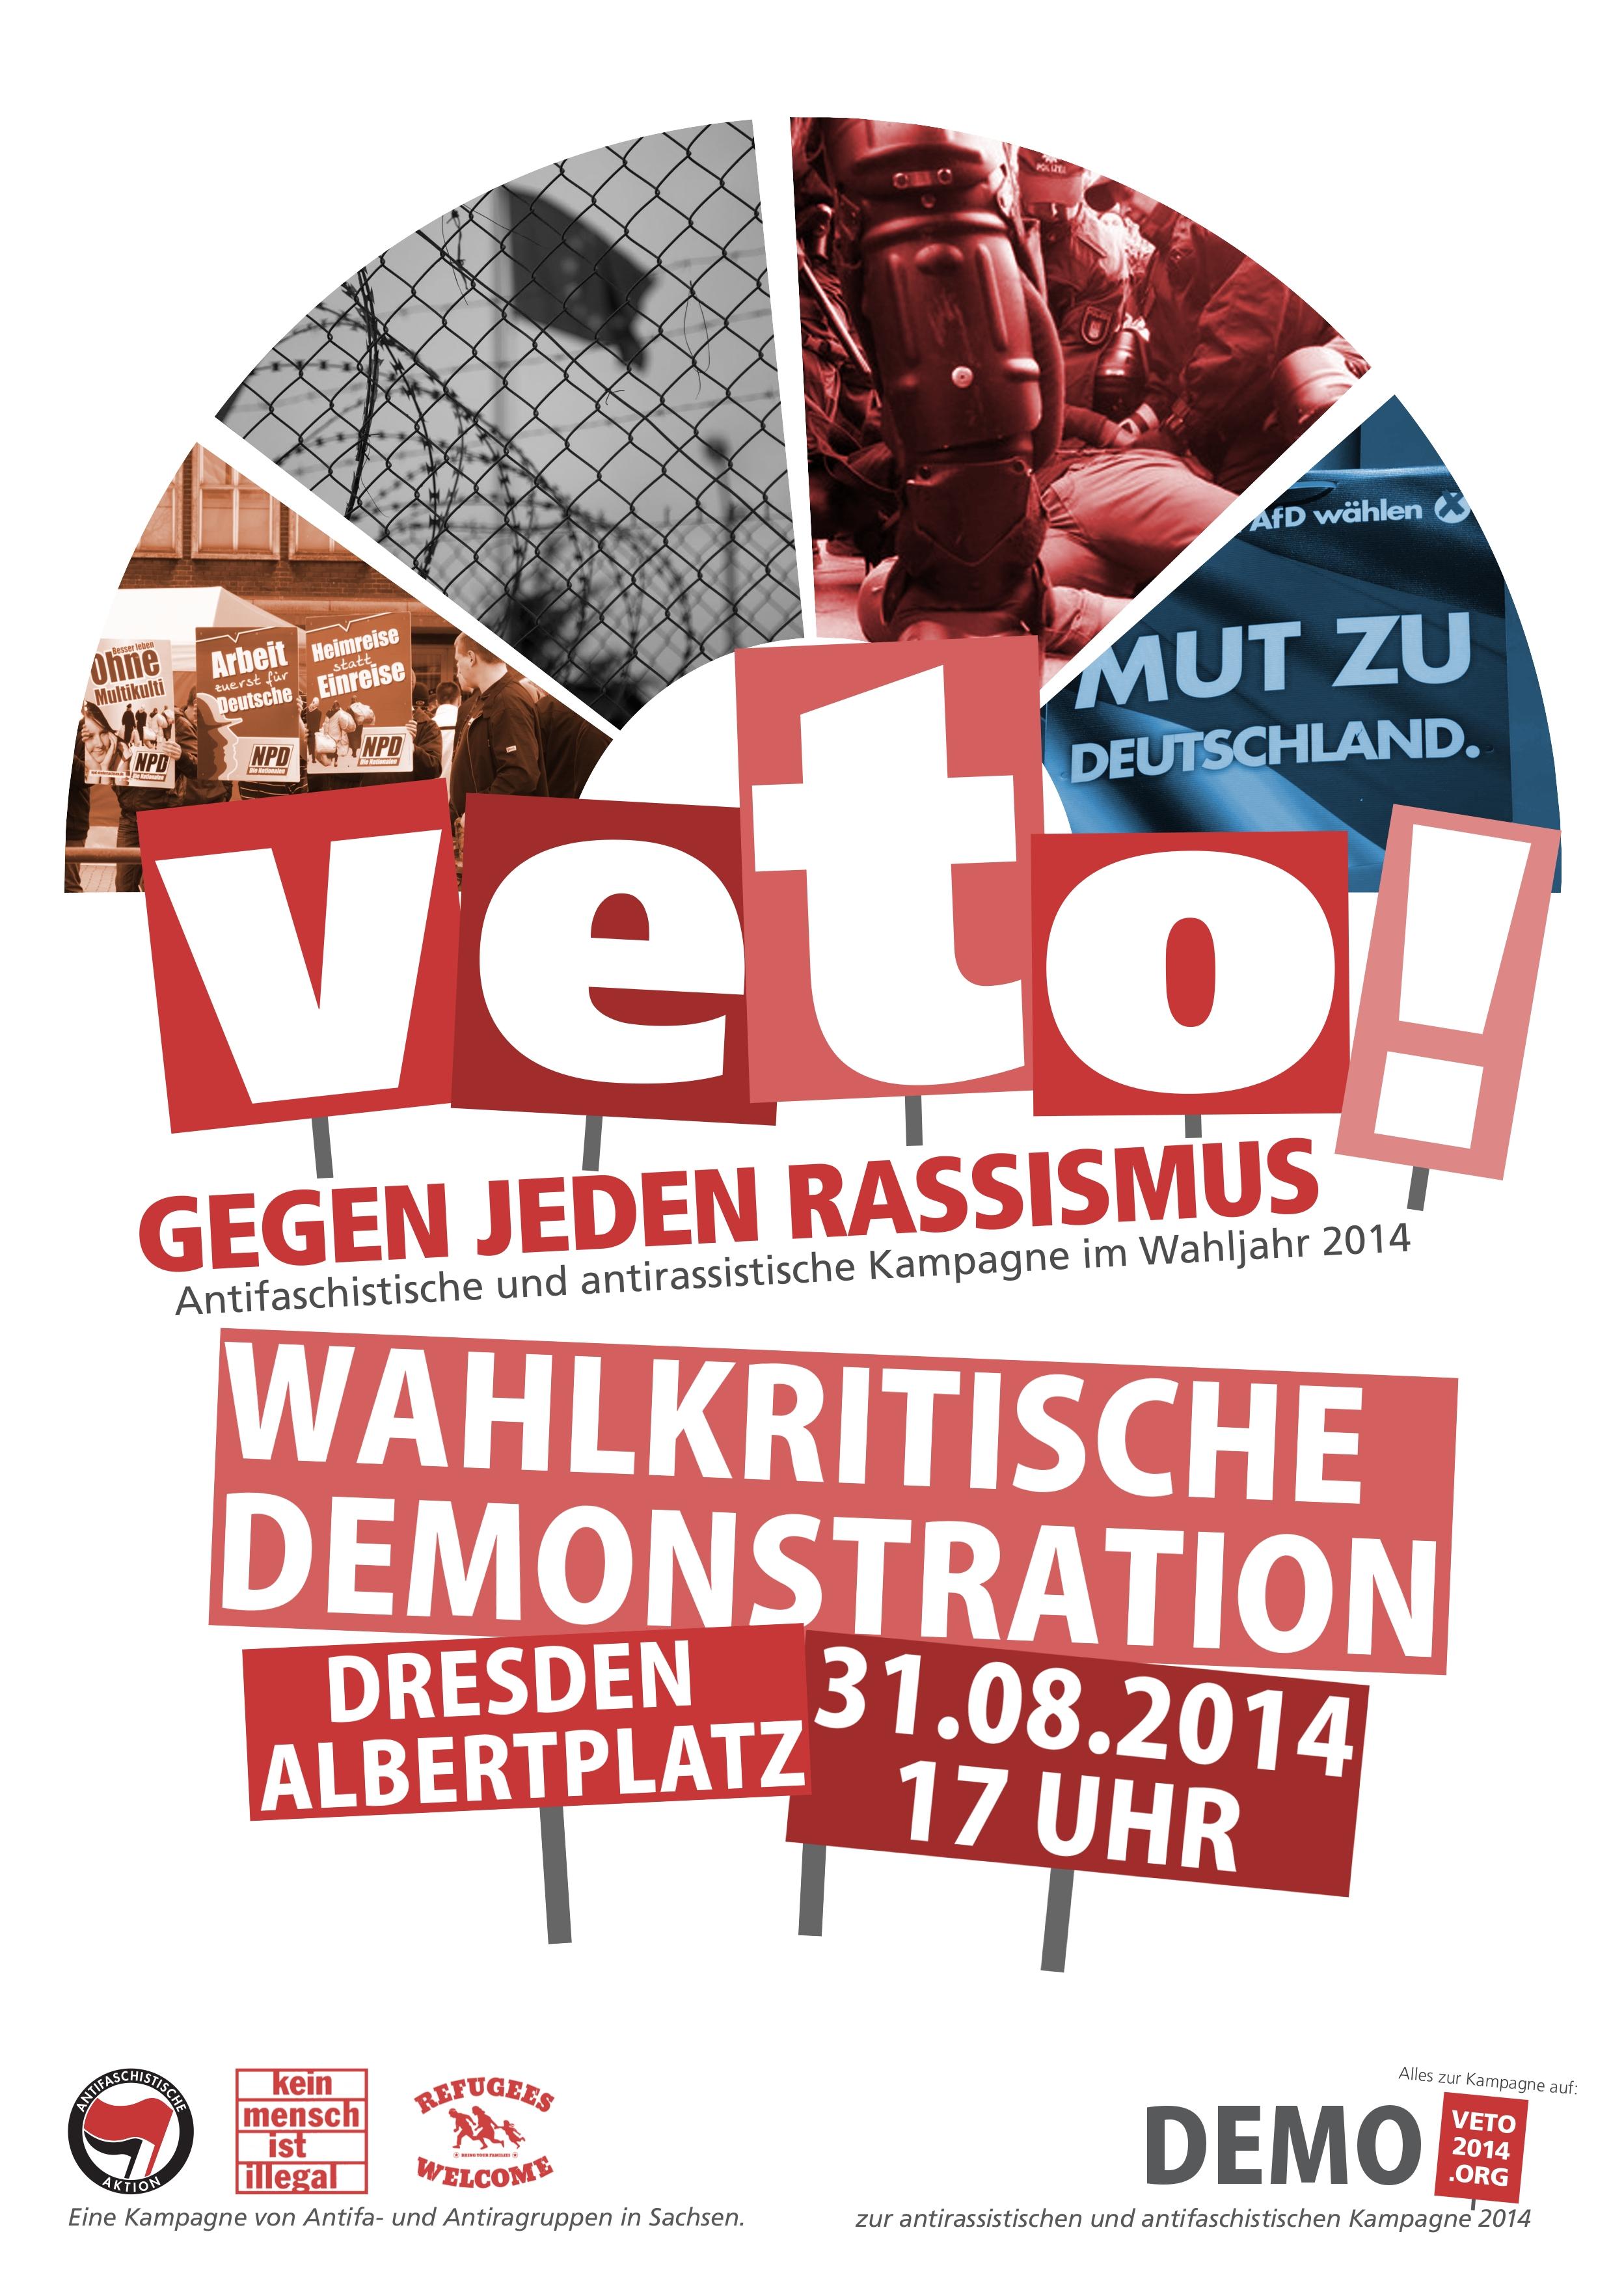 Veto!2014 Gegen jeden Rassismus